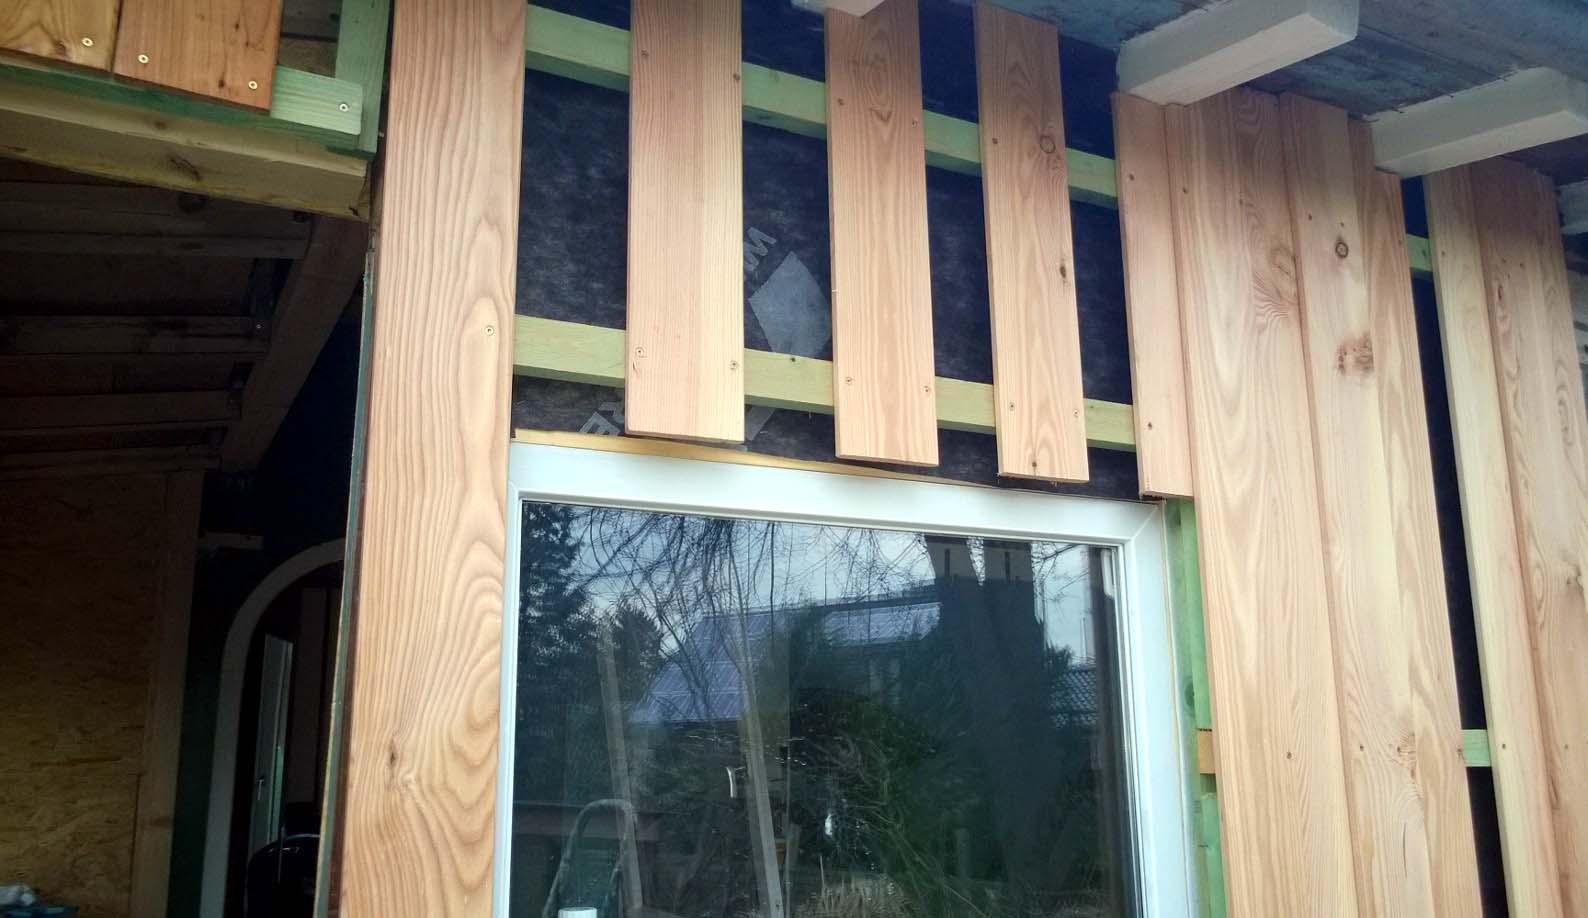 l rchenholz verschalung an der ostseite montiert imkerei bad oldesloe. Black Bedroom Furniture Sets. Home Design Ideas